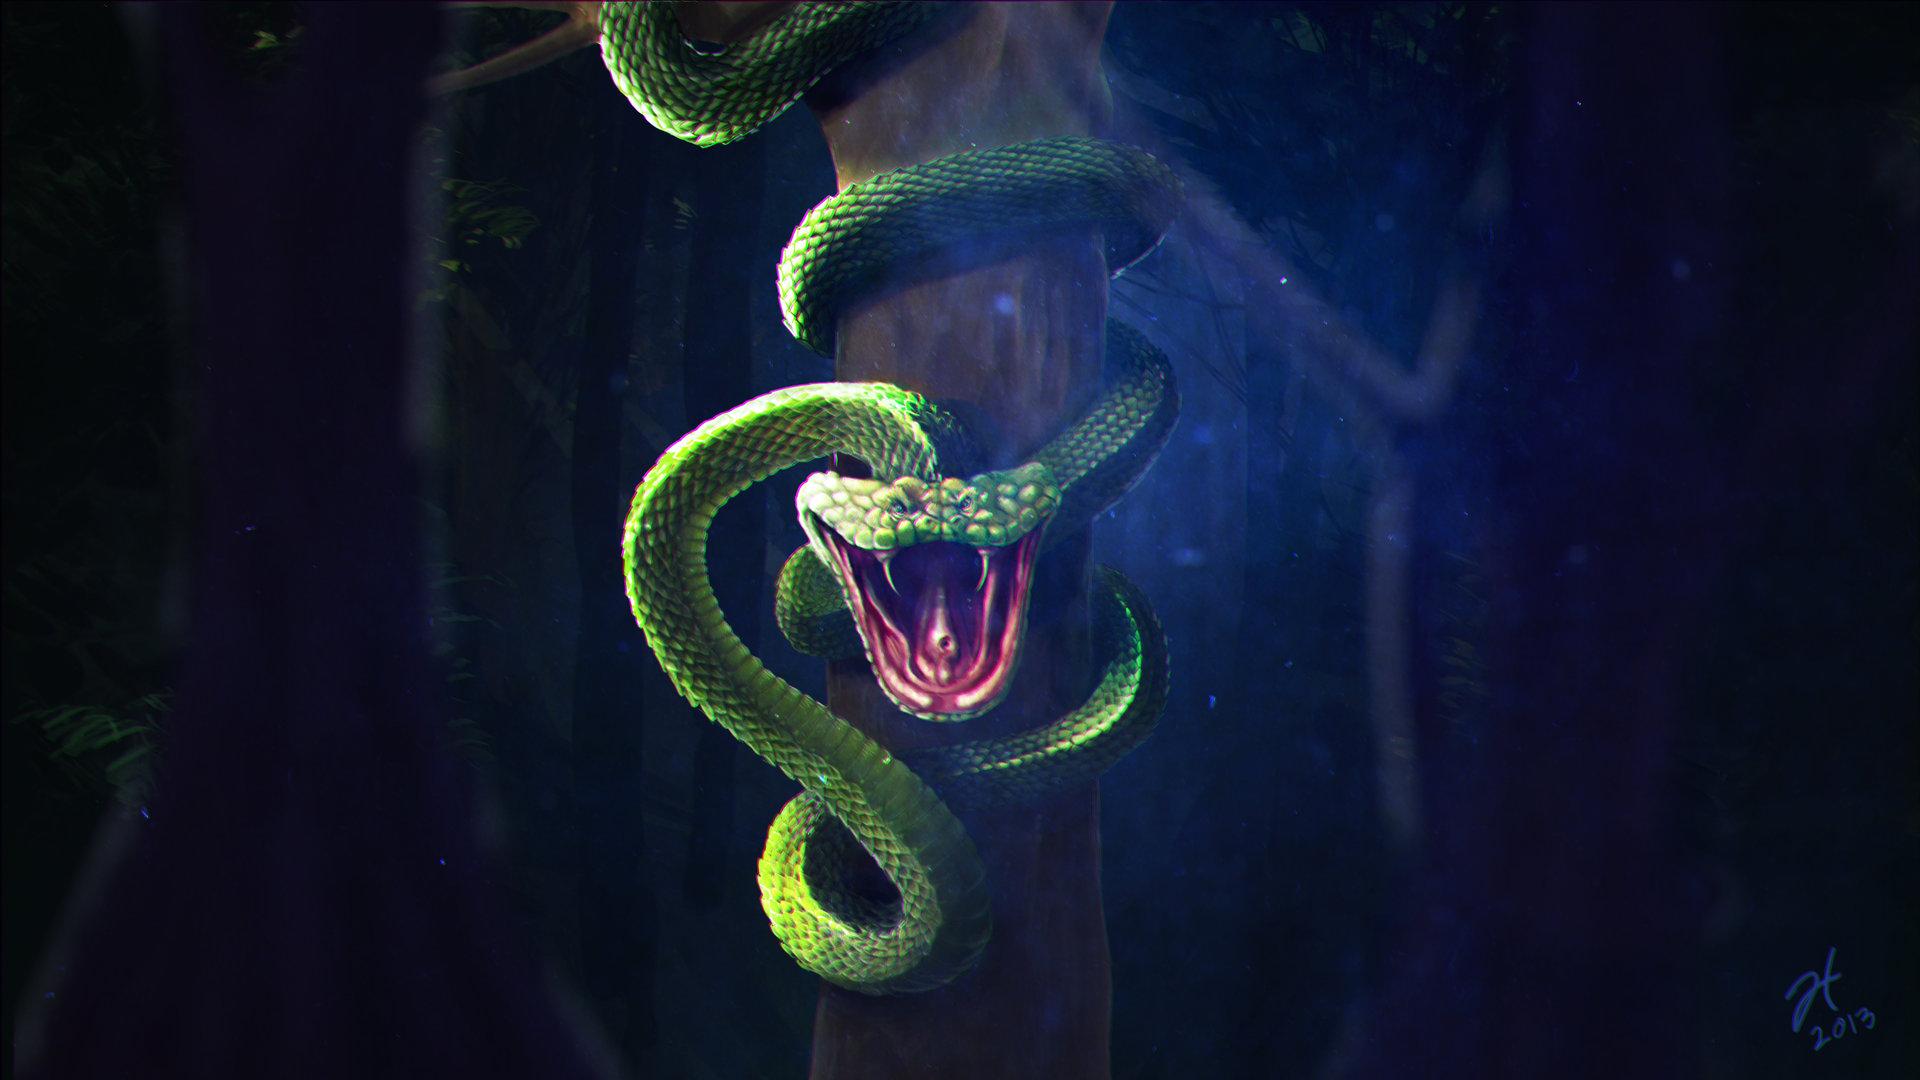 Обои На Телефон Змея